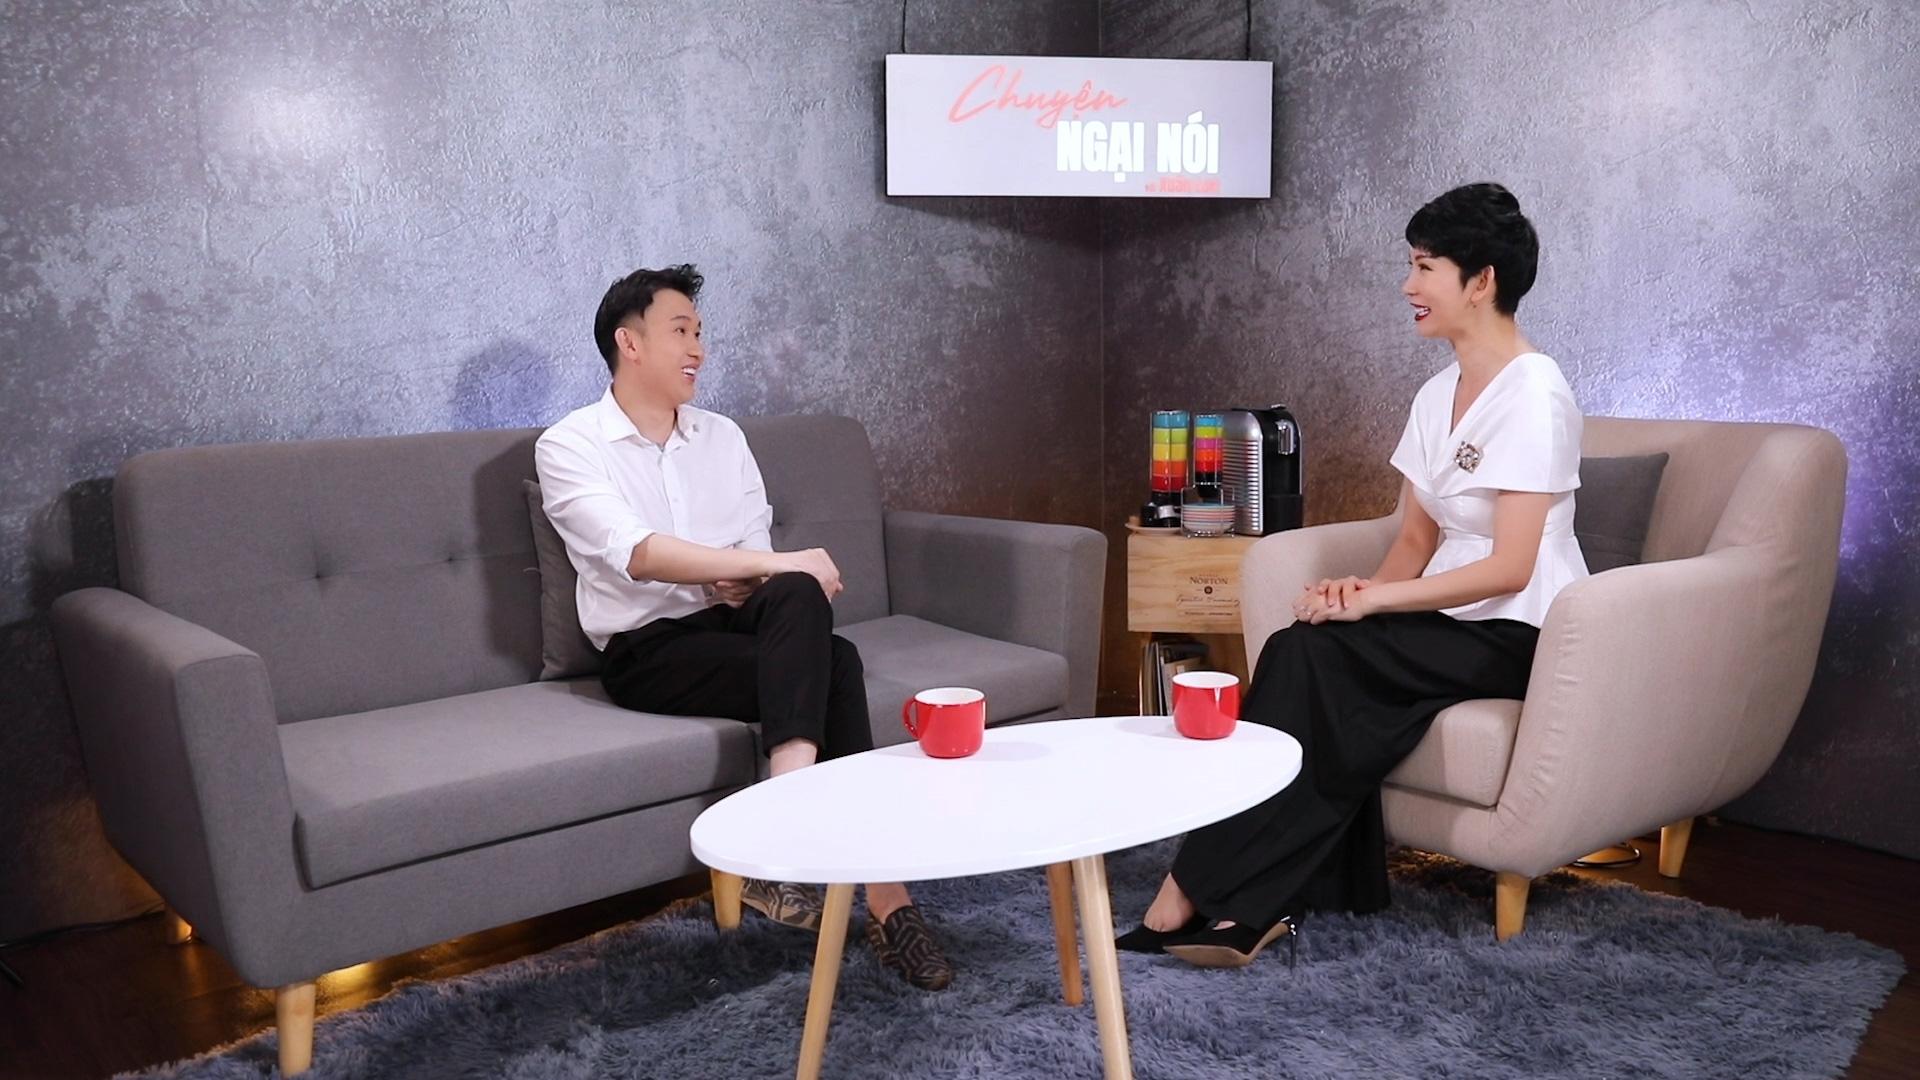 """Dương Triệu Vũ: """"Anh Hoài Linh sinh ra lúc gia đình có xe hơi, còn tôi sinh ra phải ở chuồng heo"""" - Ảnh 2."""